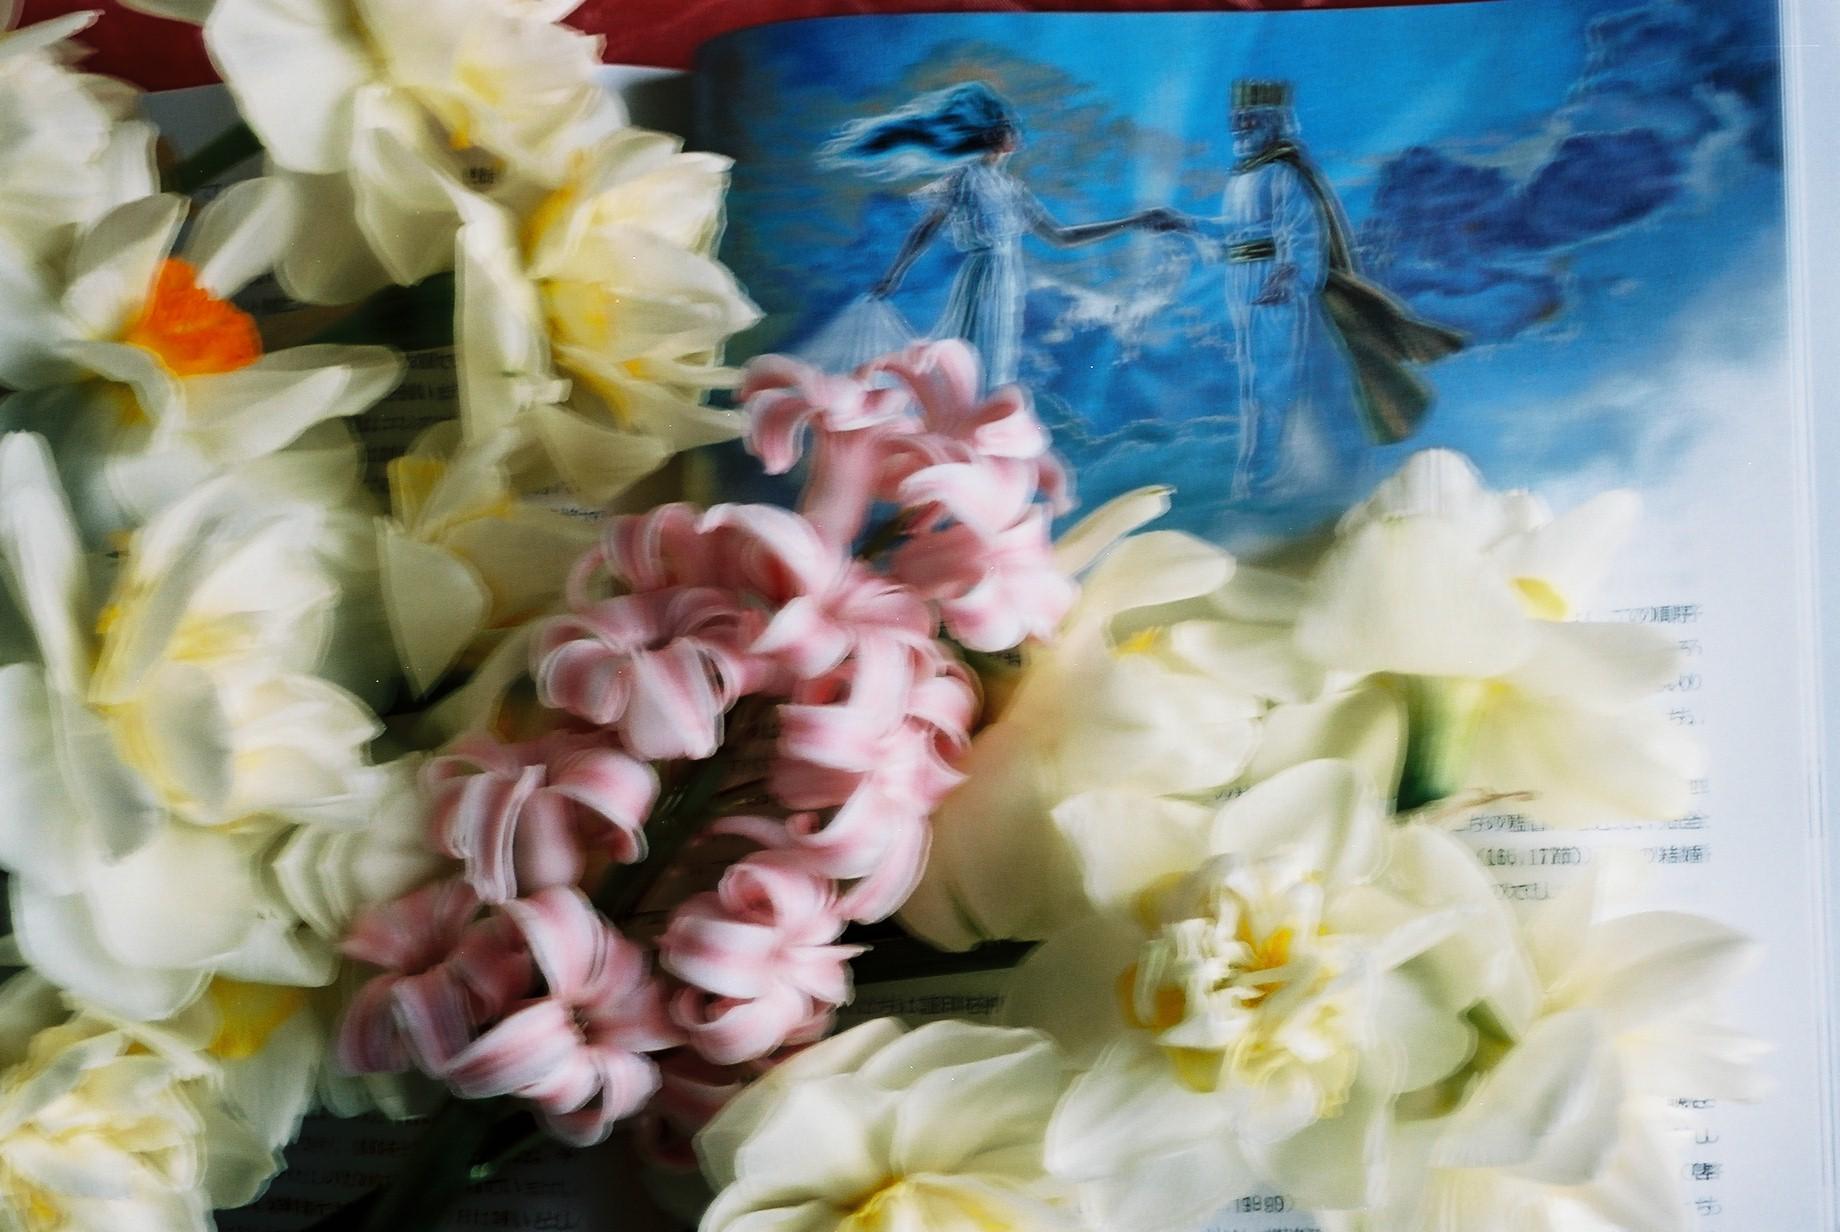 クリスマスイブに…花のギャラリー9_a0103650_16571751.jpg